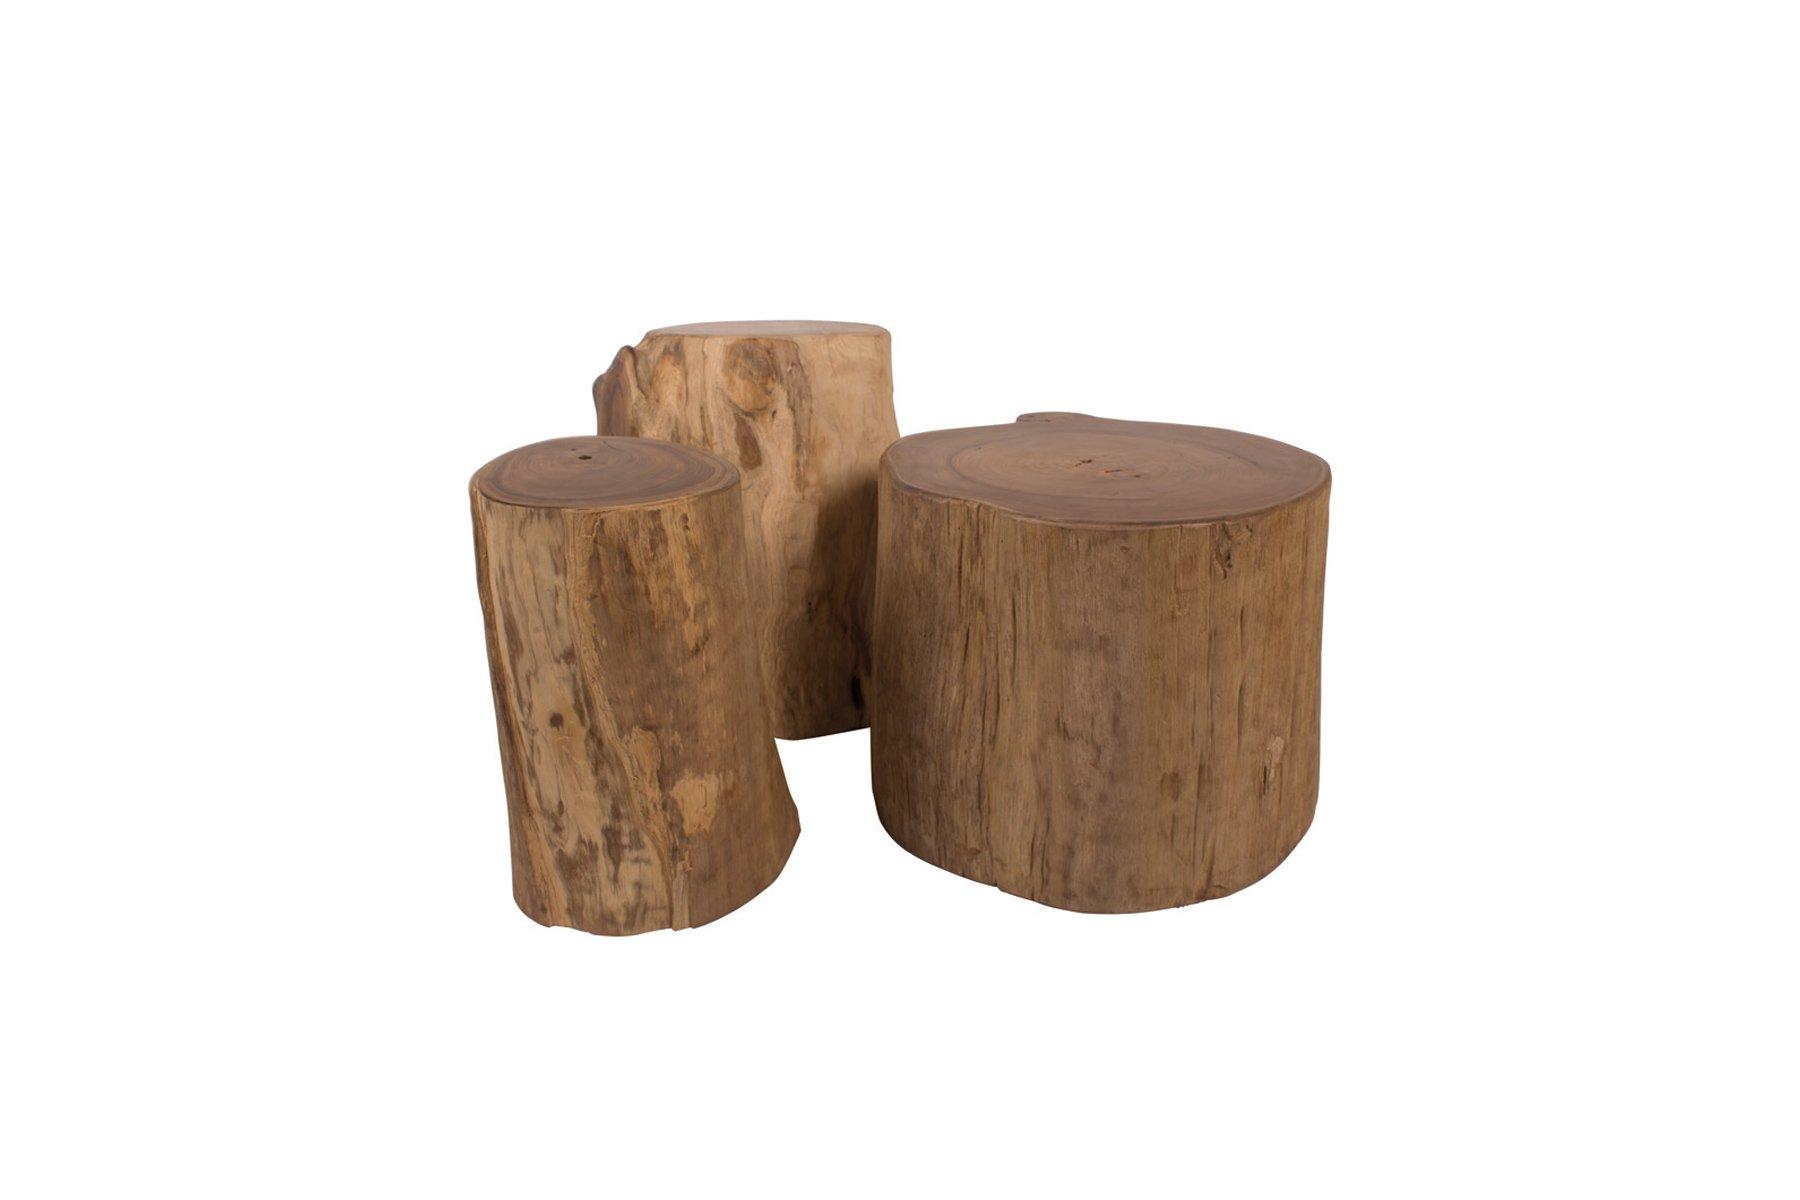 Oggetti fai da te con ceppi di legno fotogallery